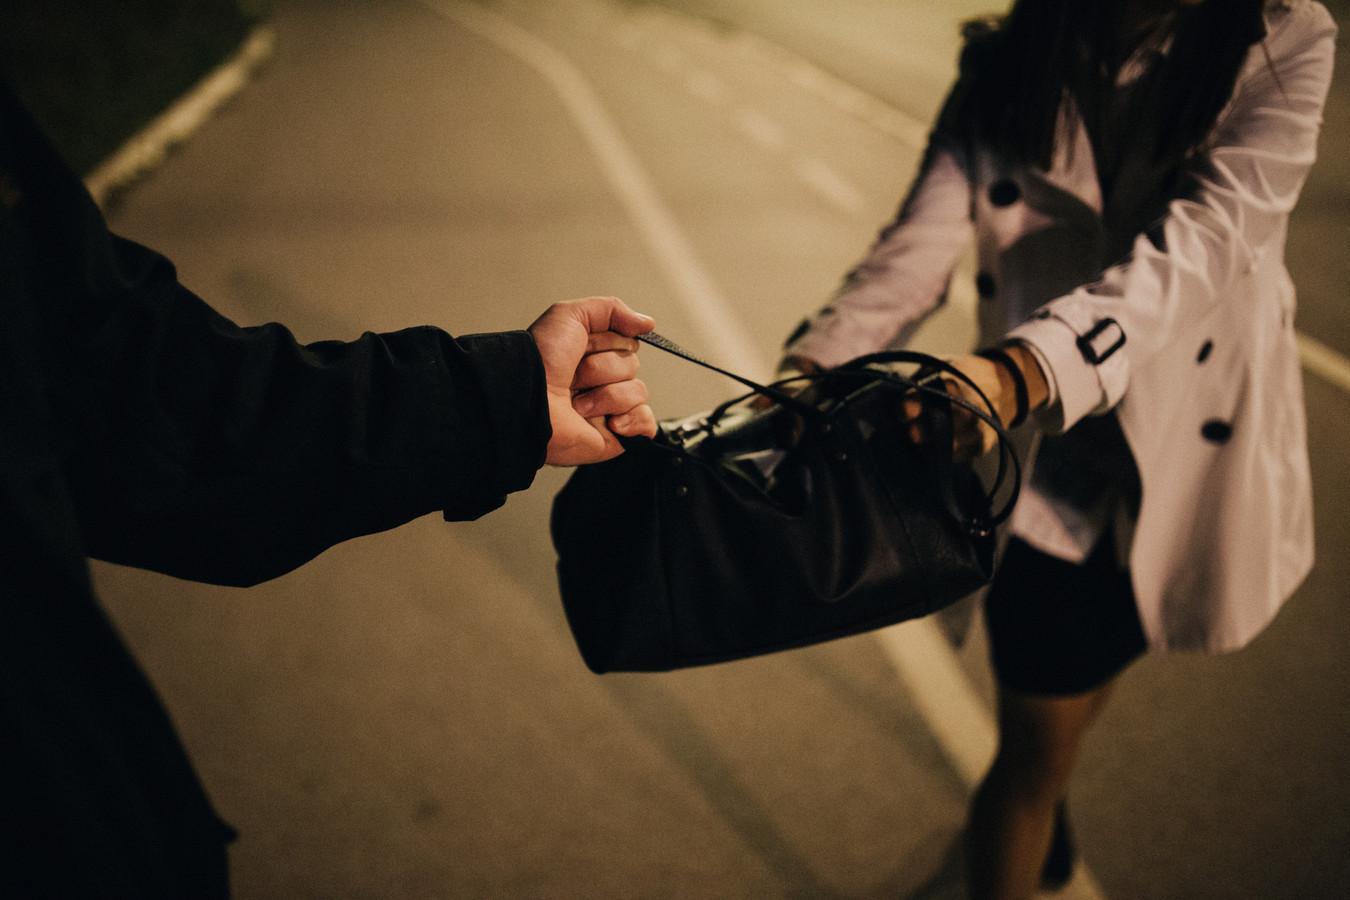 Op de Van Assendelftstraat in Bergen op Zoom is een hoogbejaarde vrouw beroofd van haar portemonnee. Het 90-jarige slachtoffer heeft haar spullen echter al snel teruggekregen, want twee voorbijgangers wisten de vrouwelijke dief (40) snel te pakken.